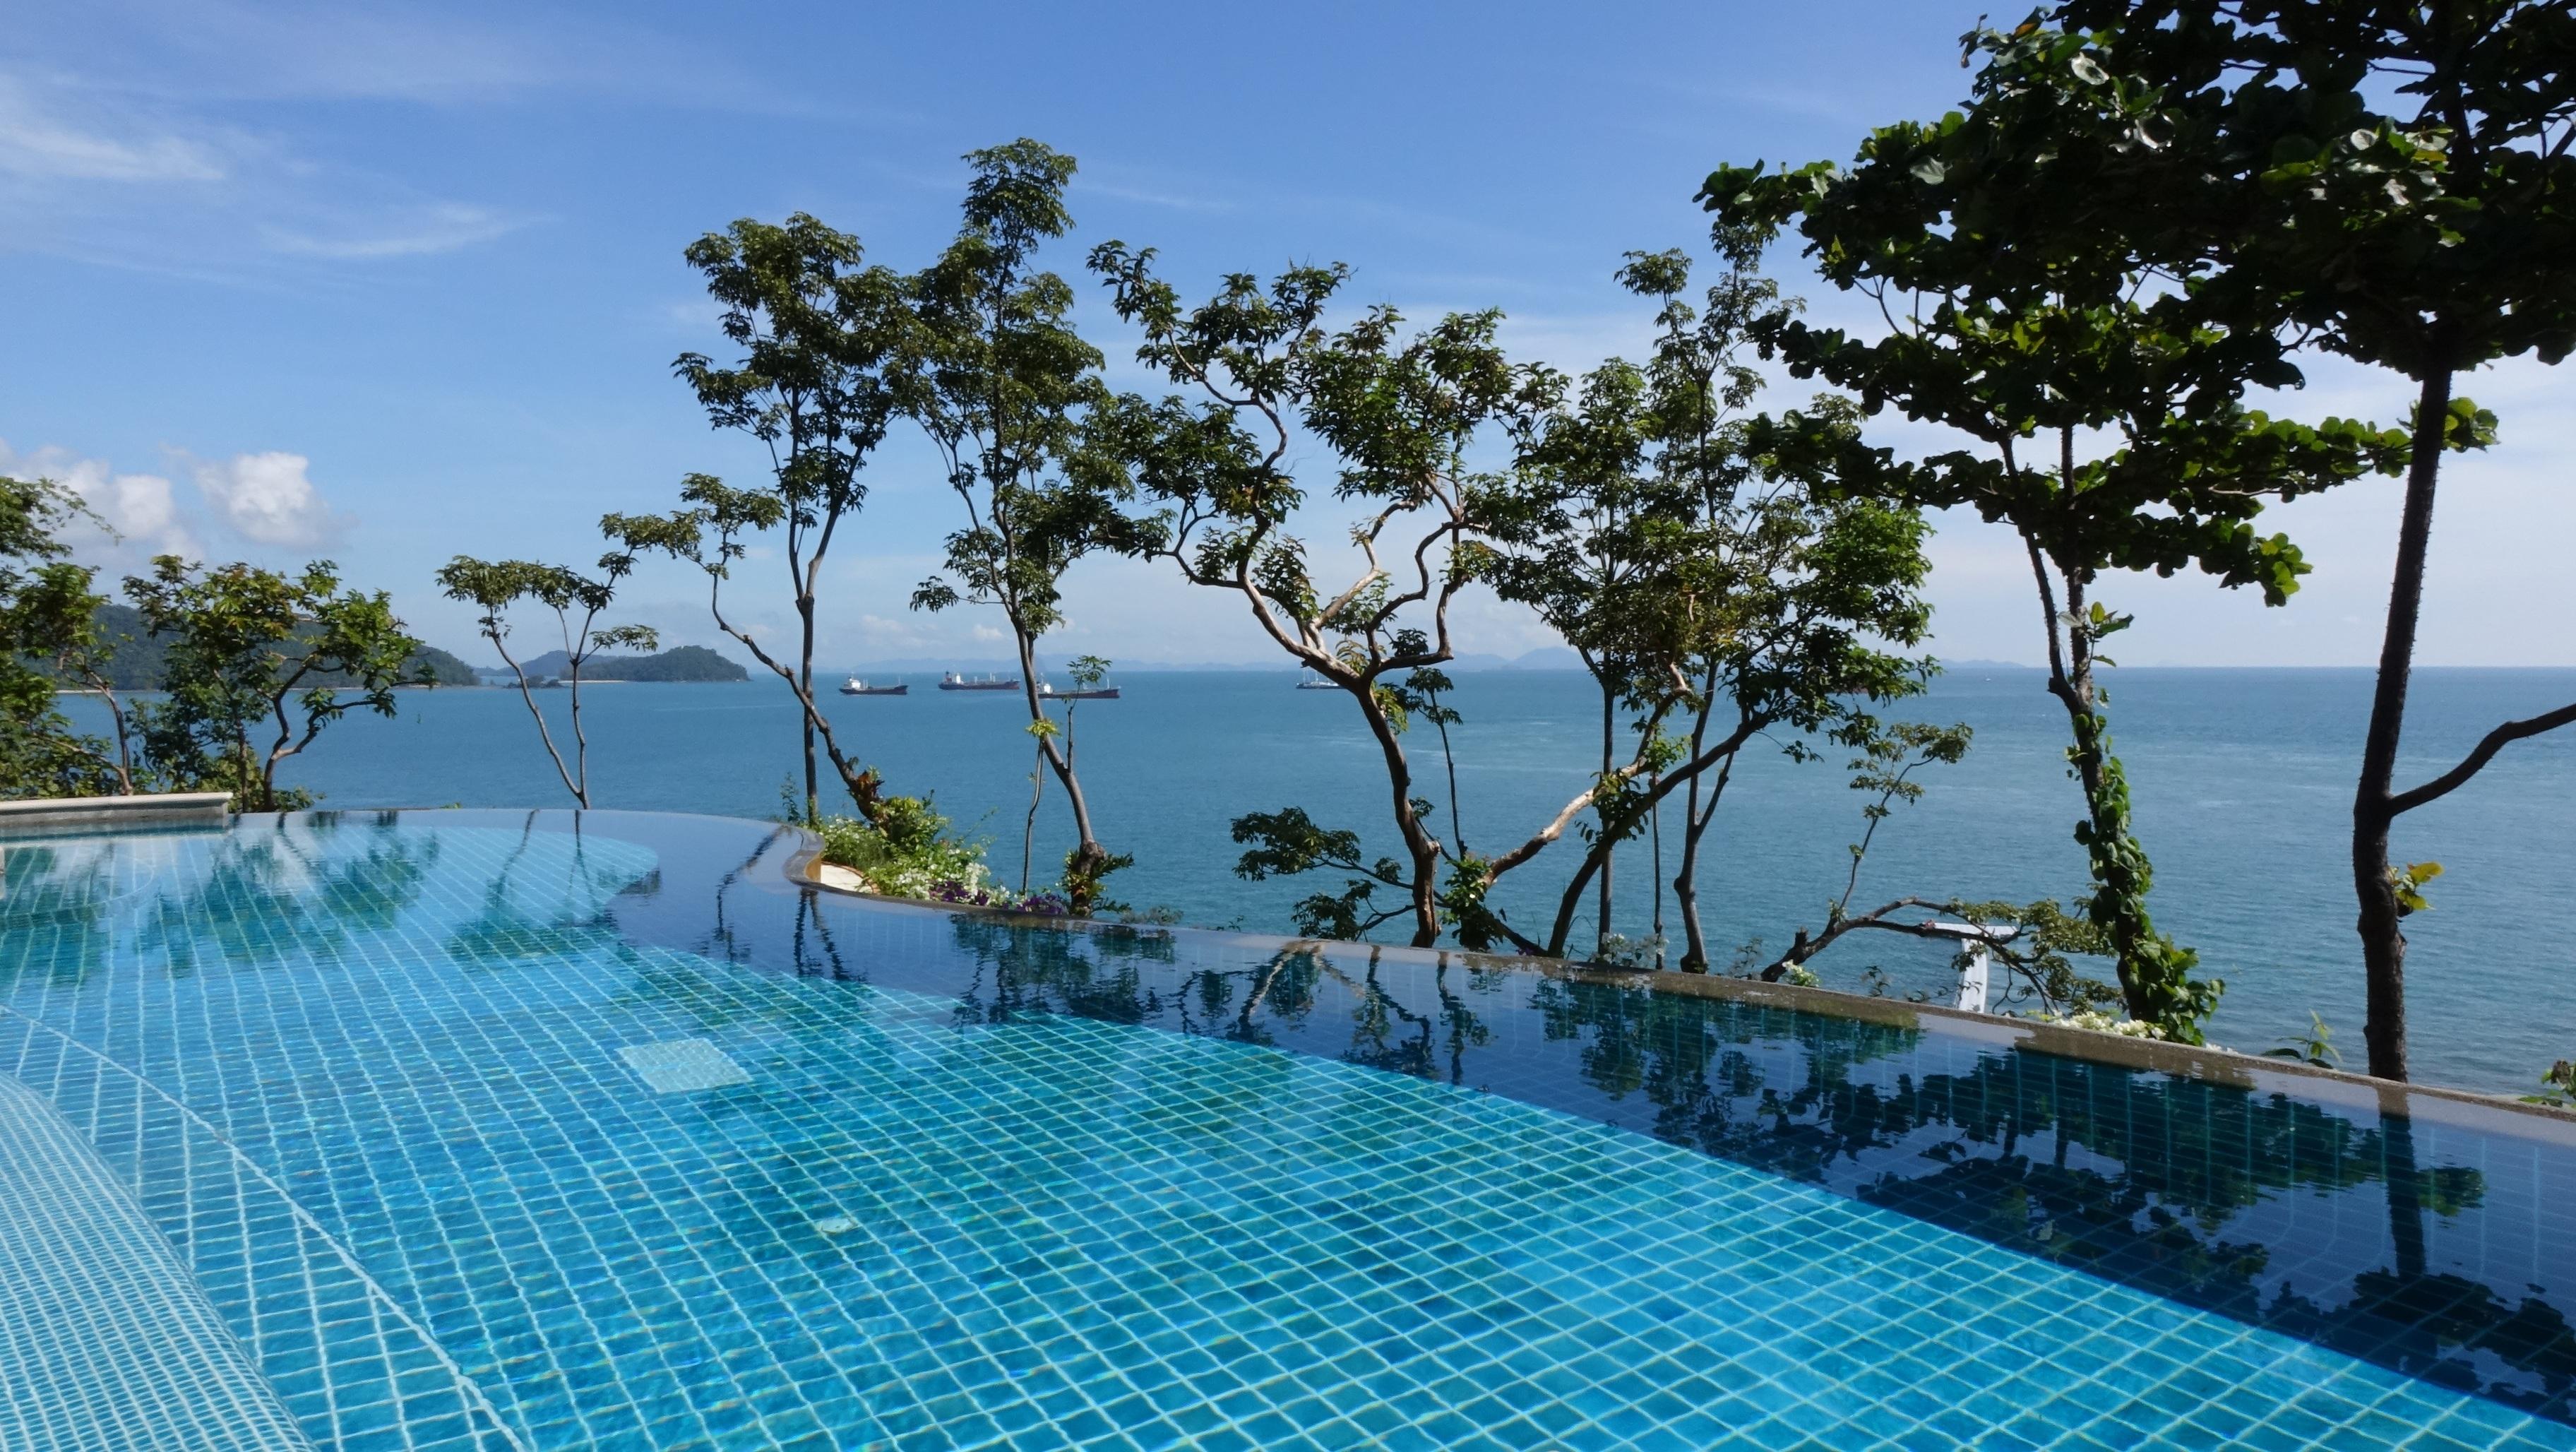 Images gratuites paysage oc an villa vacances piscine propri t loisir relaxation luxe for Villa vacances piscine